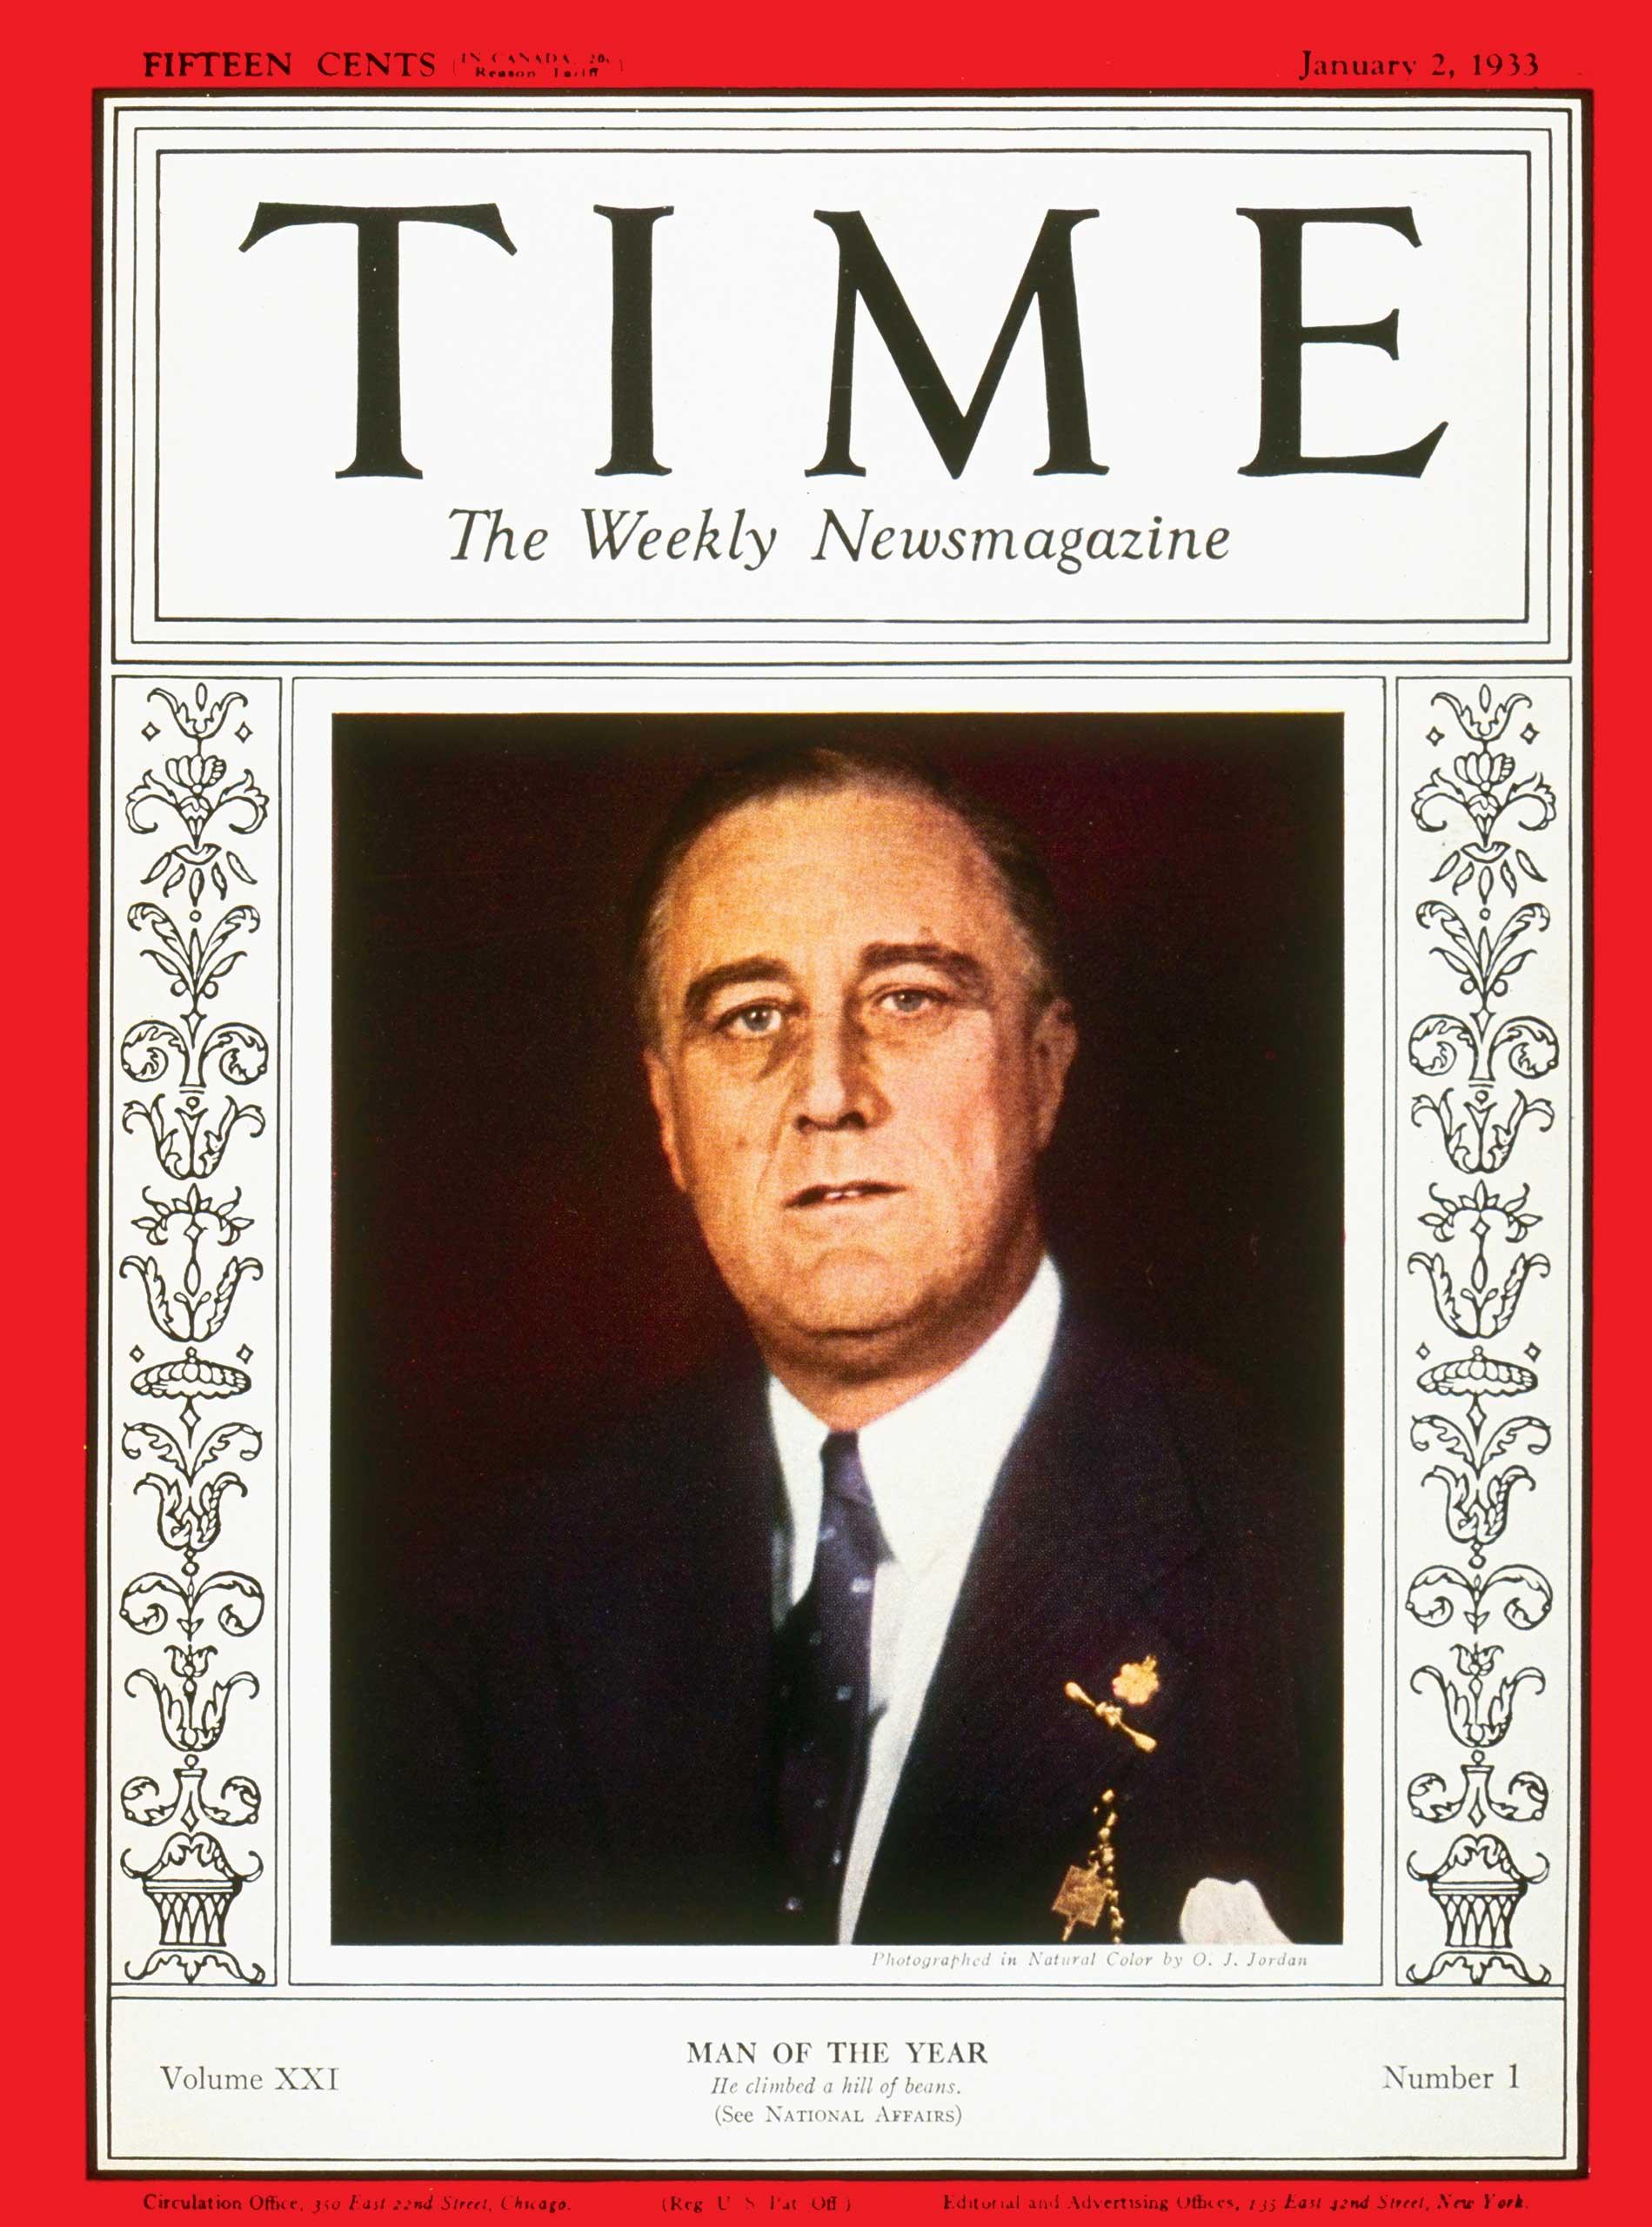 1932: Franklin D. Roosevelt